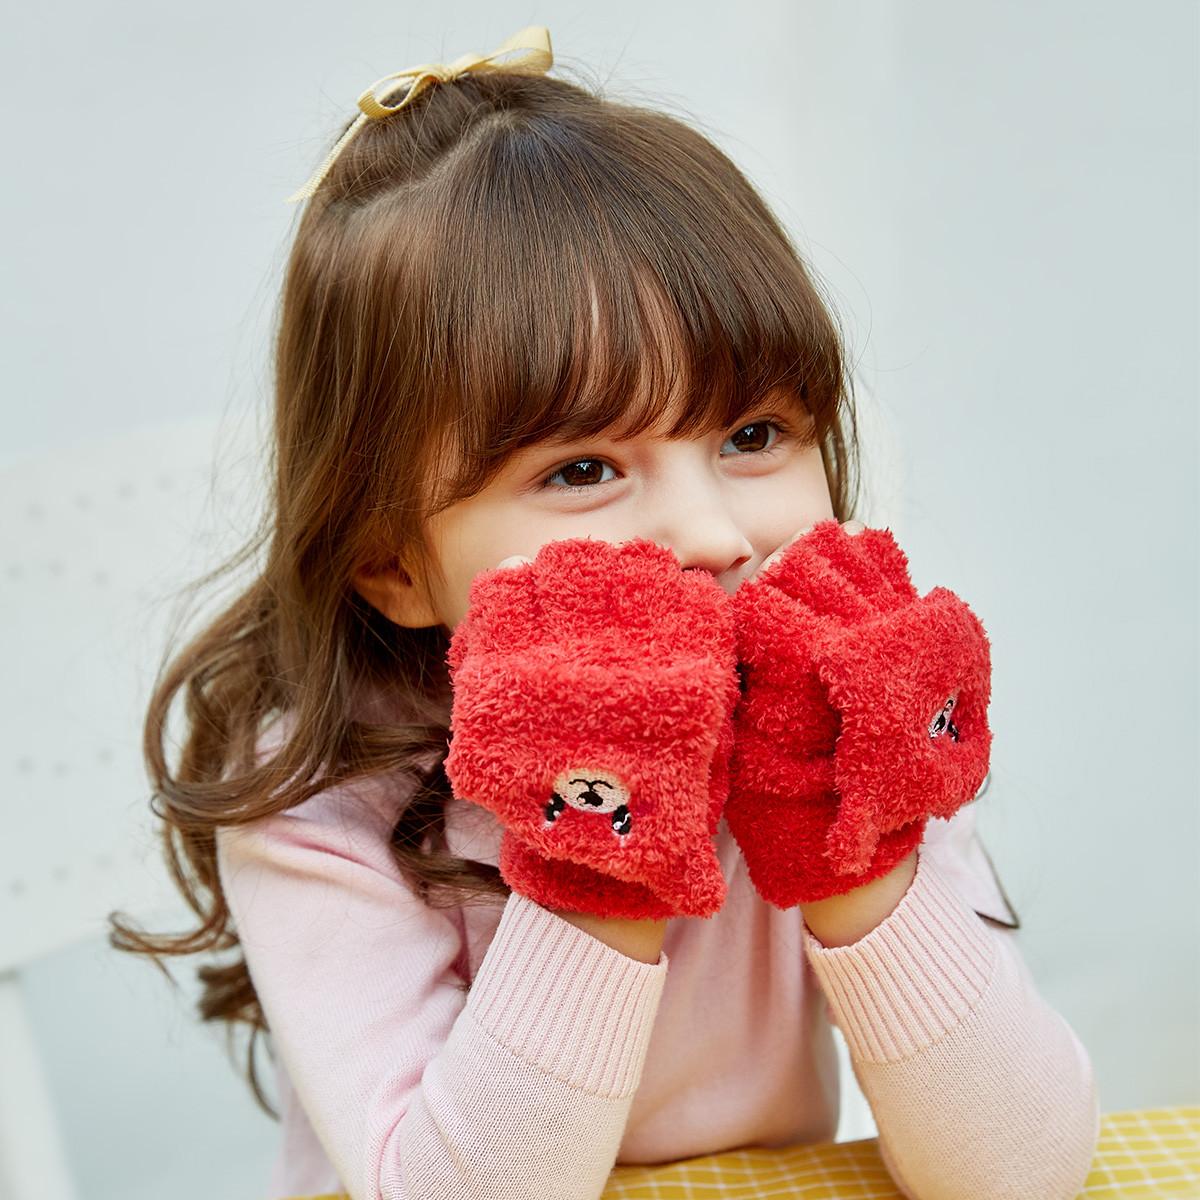 笛莎笛莎新款童装女童中大童翻盖半指19冬儿童手套25194180402